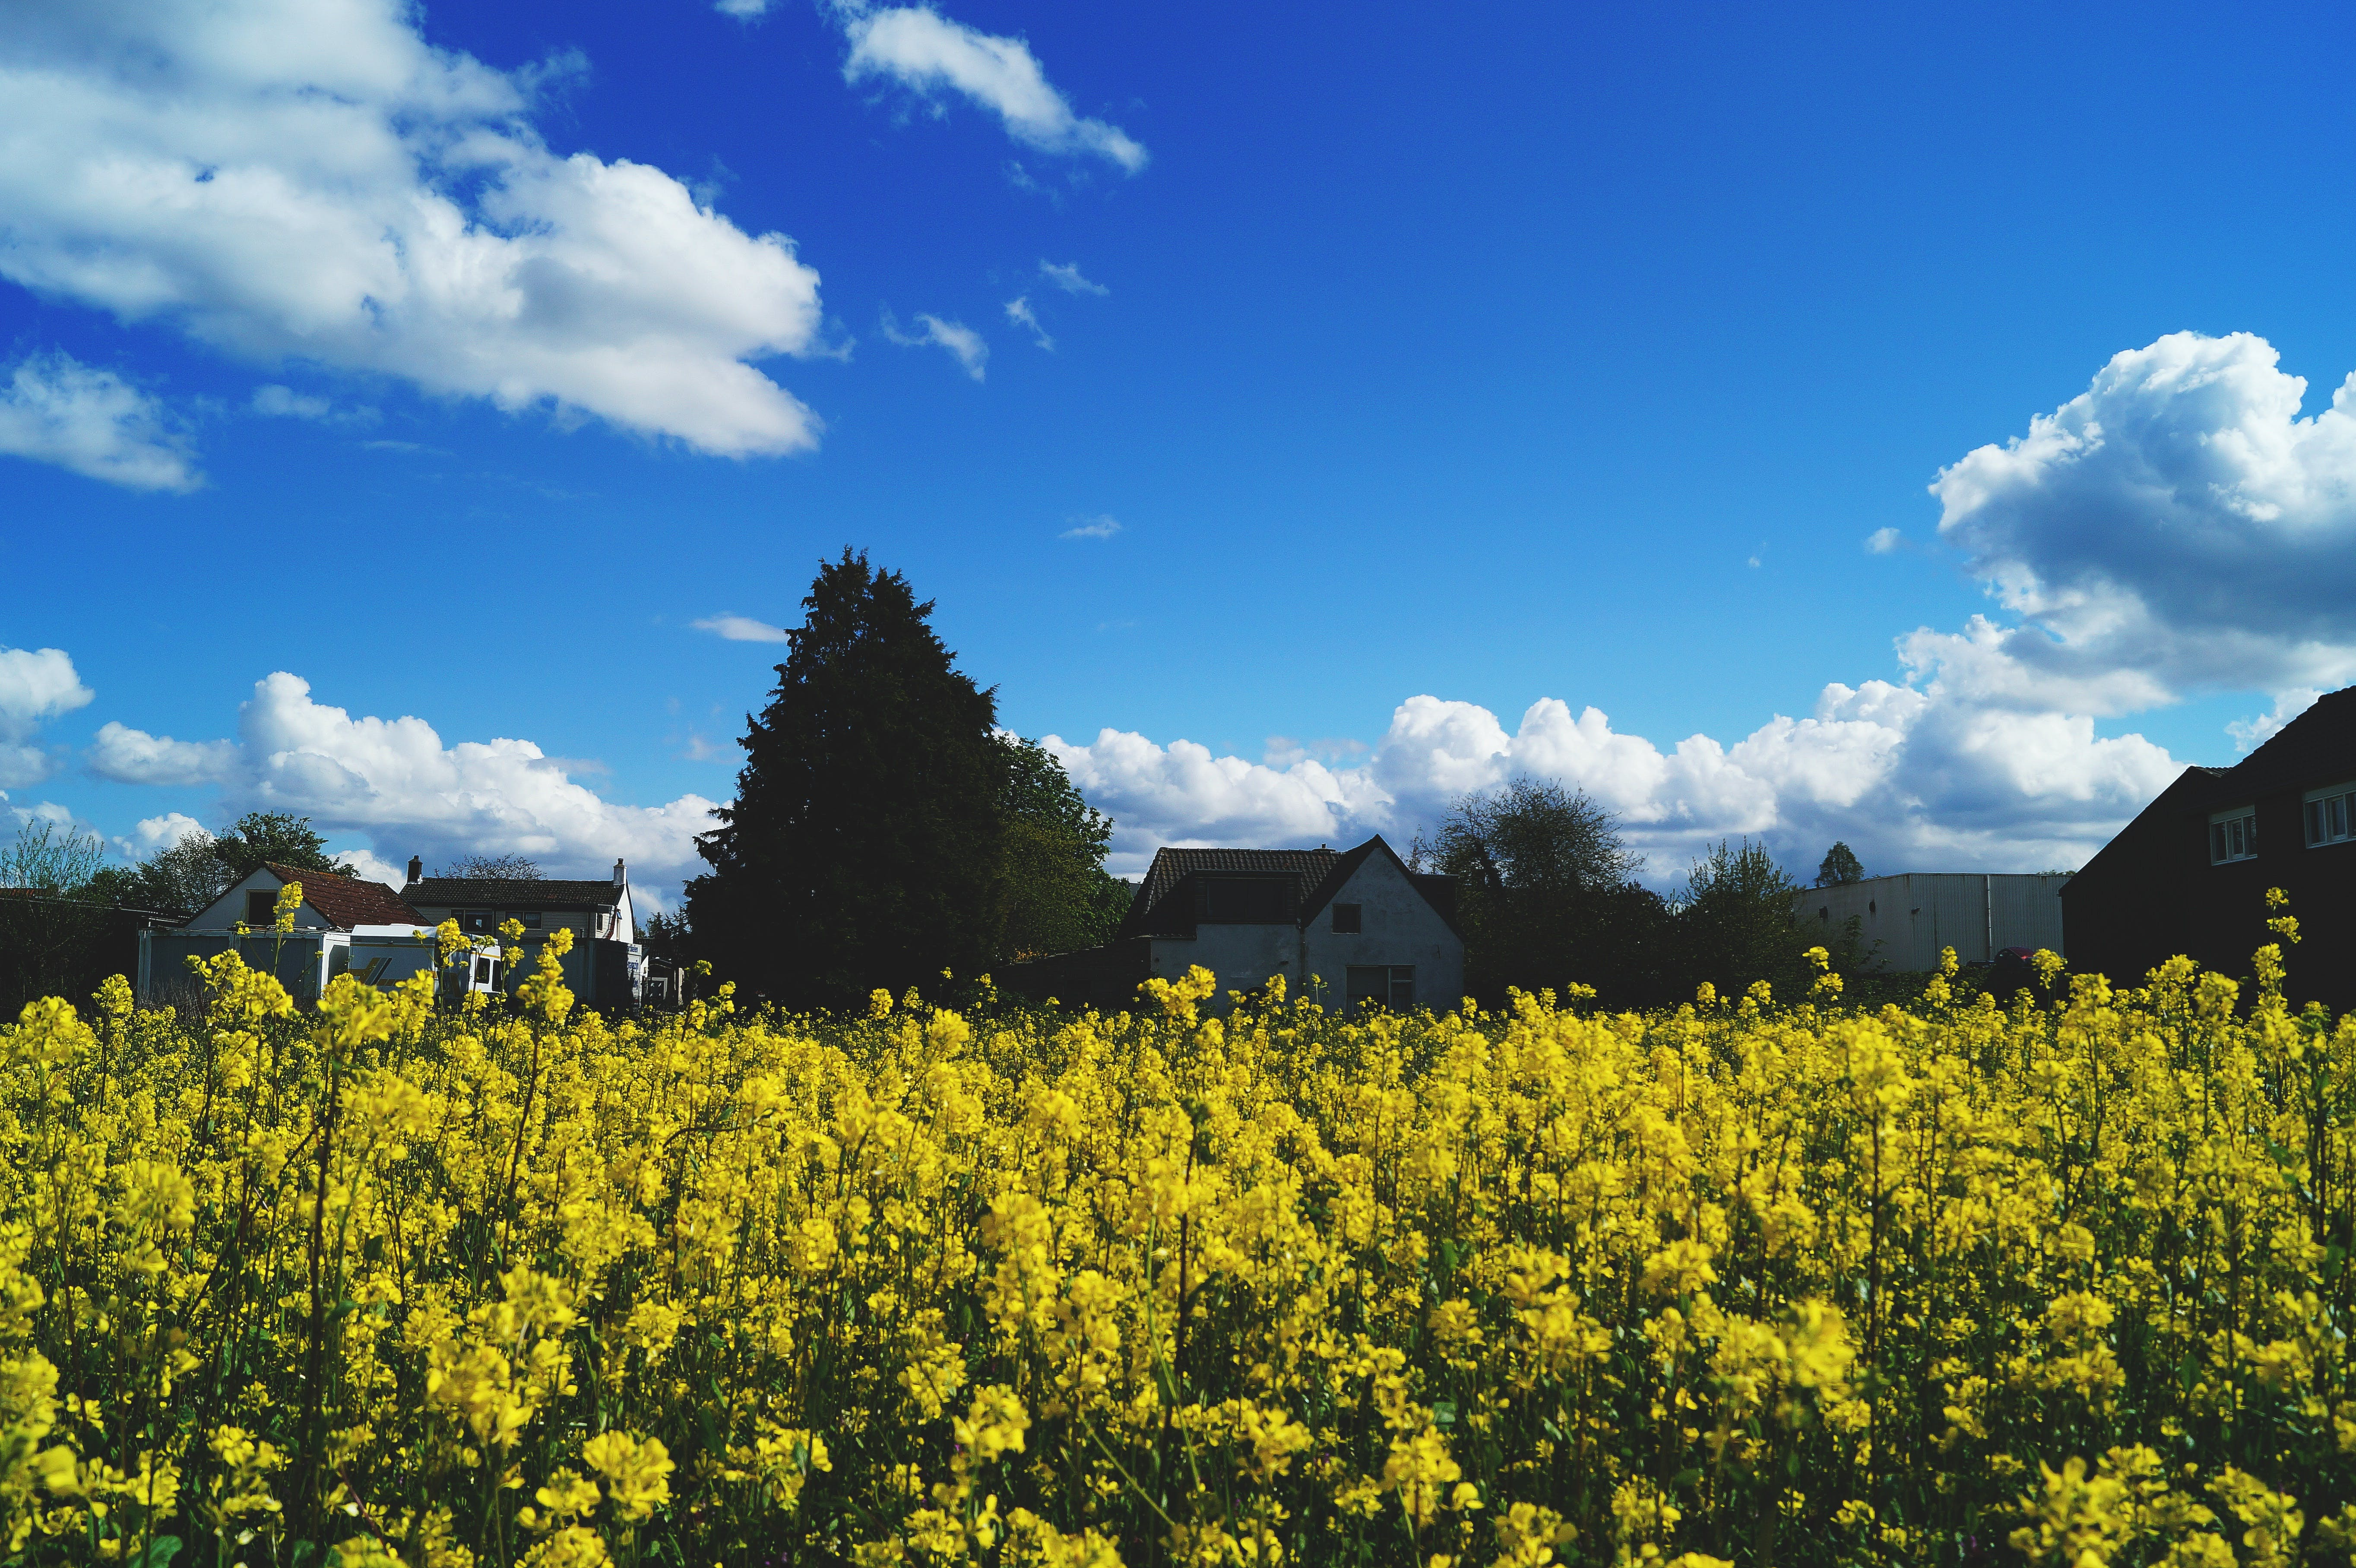 Δωρεάν στοκ φωτογραφιών με αγρόκτημα, γαλάζιος ουρανός, γήπεδο, γραφικός